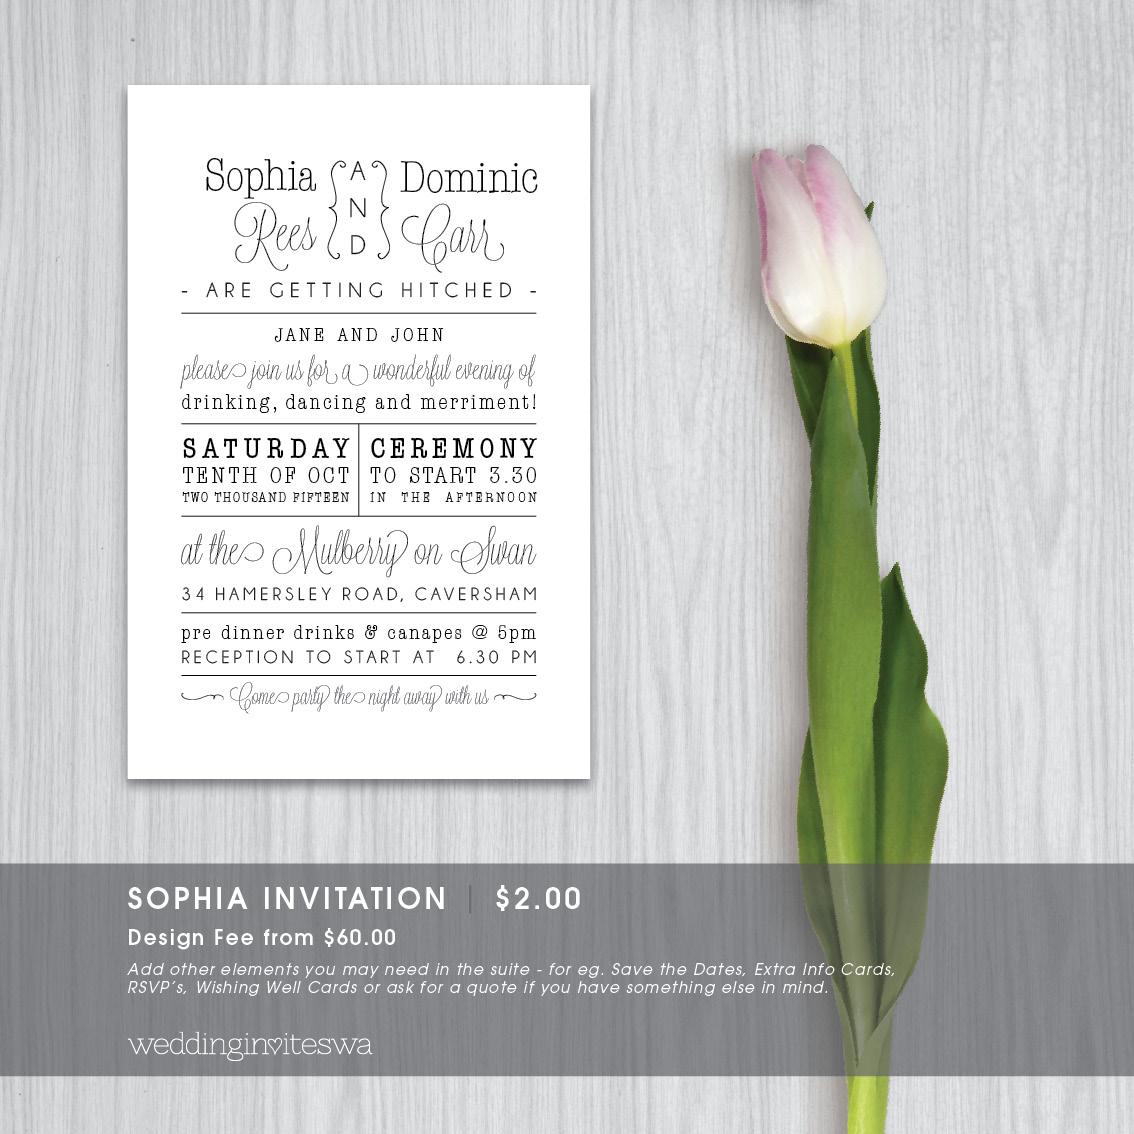 SOPHIA_invite